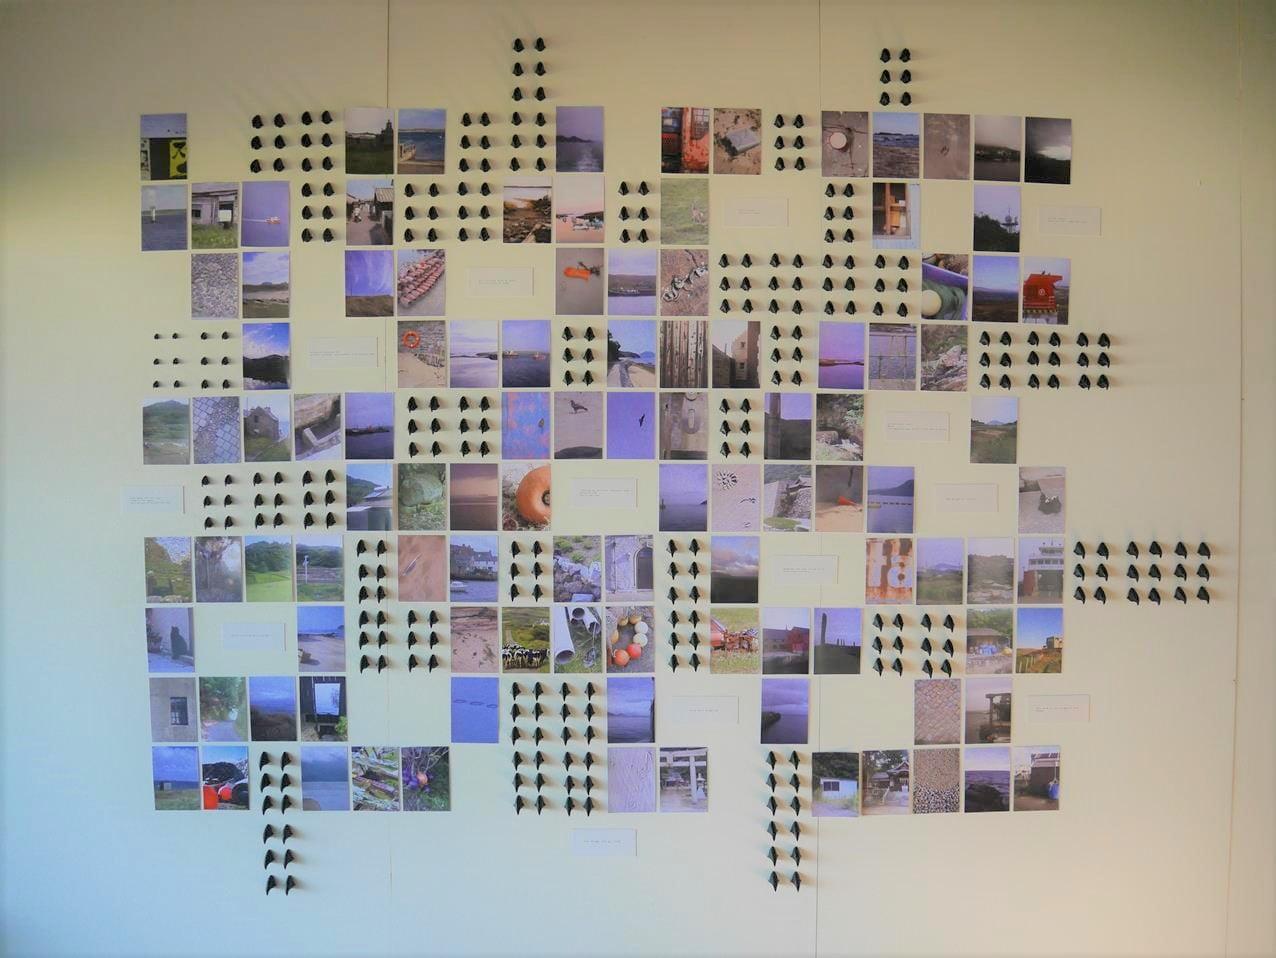 瀨戶內國際藝術祭作品